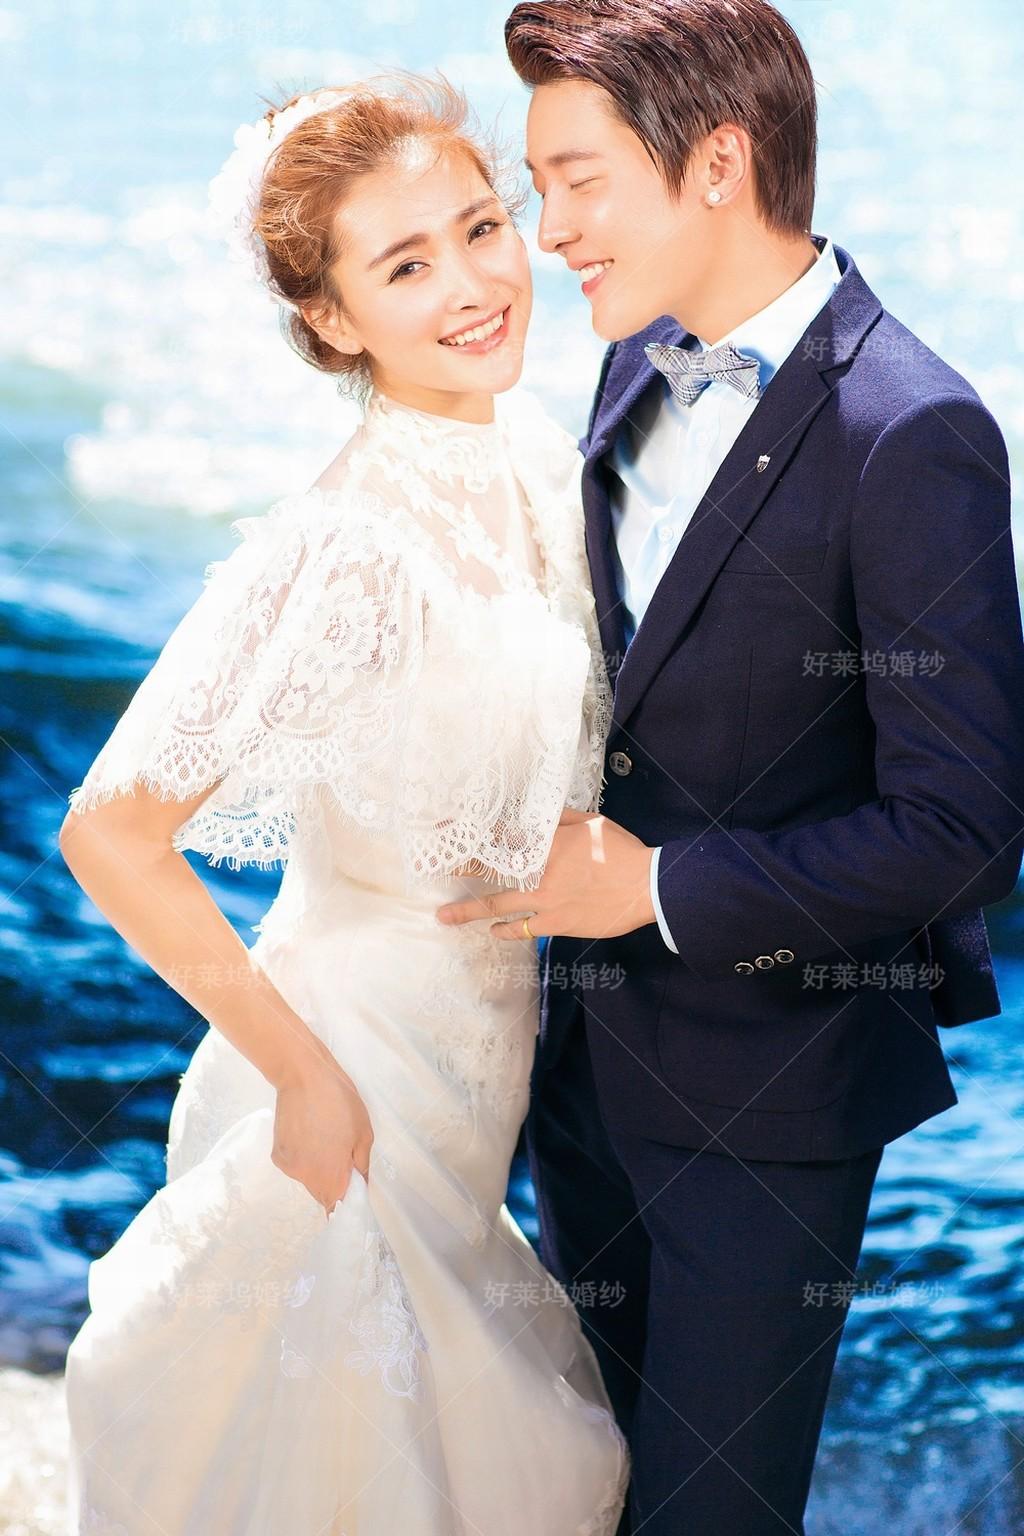 东莞好莱坞婚纱摄影,美人鱼拍摄基地